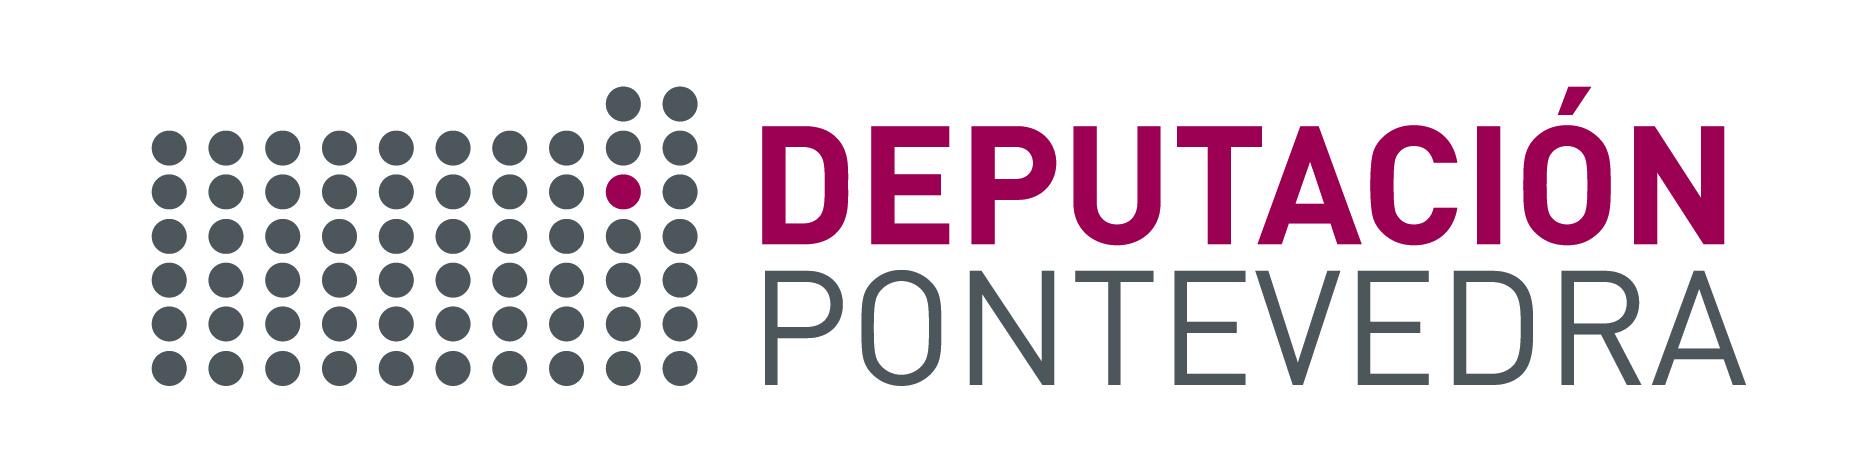 Resultado de imagen de logo diputacion pontevedra